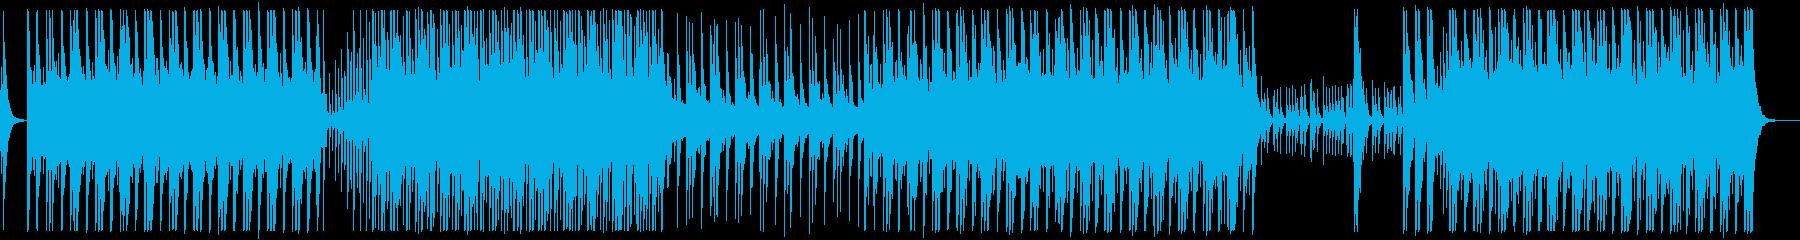 Mokuzendouの再生済みの波形